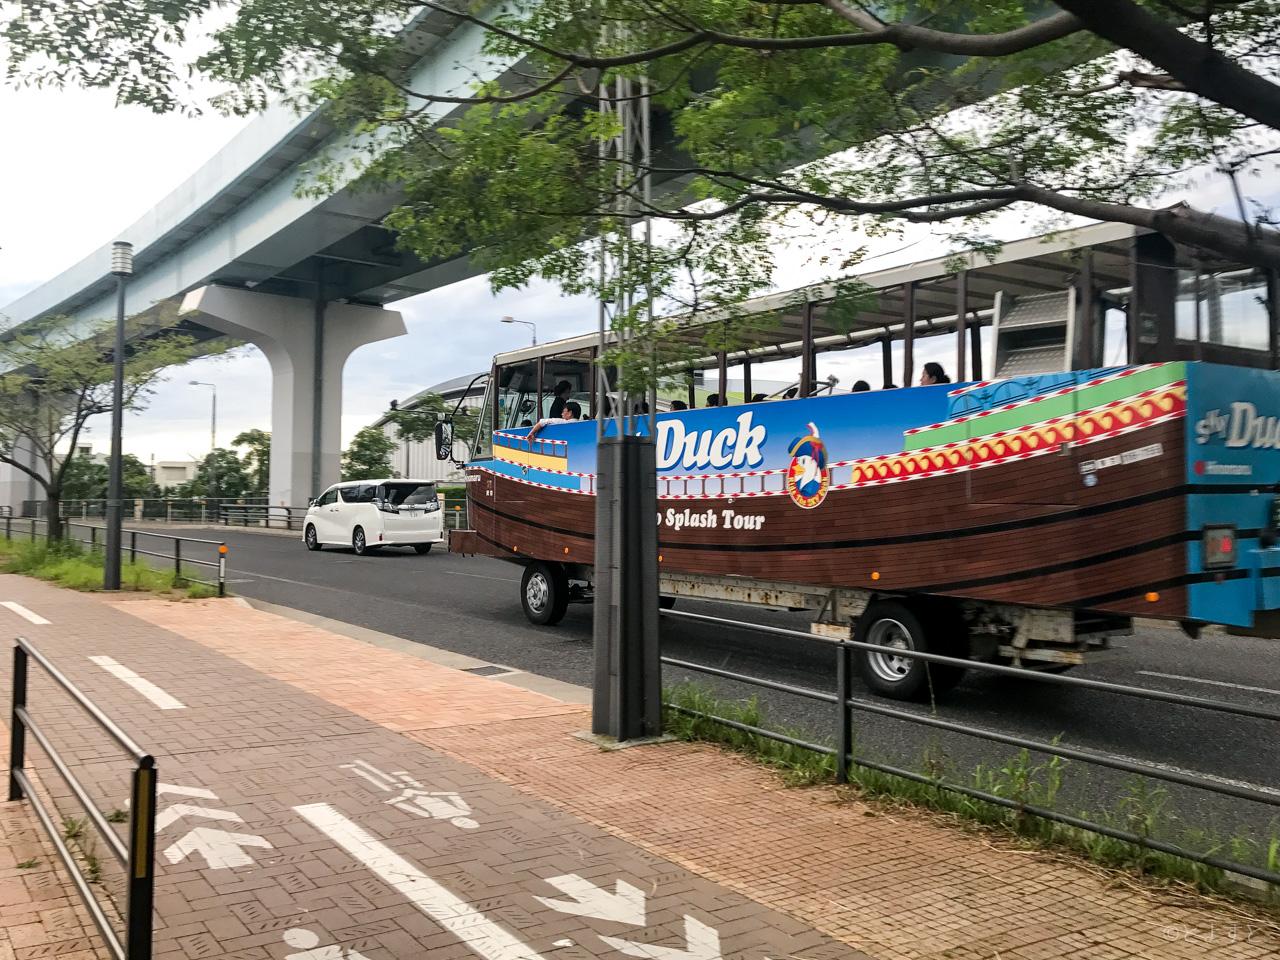 豊洲〜お台場の水陸両用バス「スカイダック東京2017」、料金・時刻表・ルートが決定!9/26運行開始